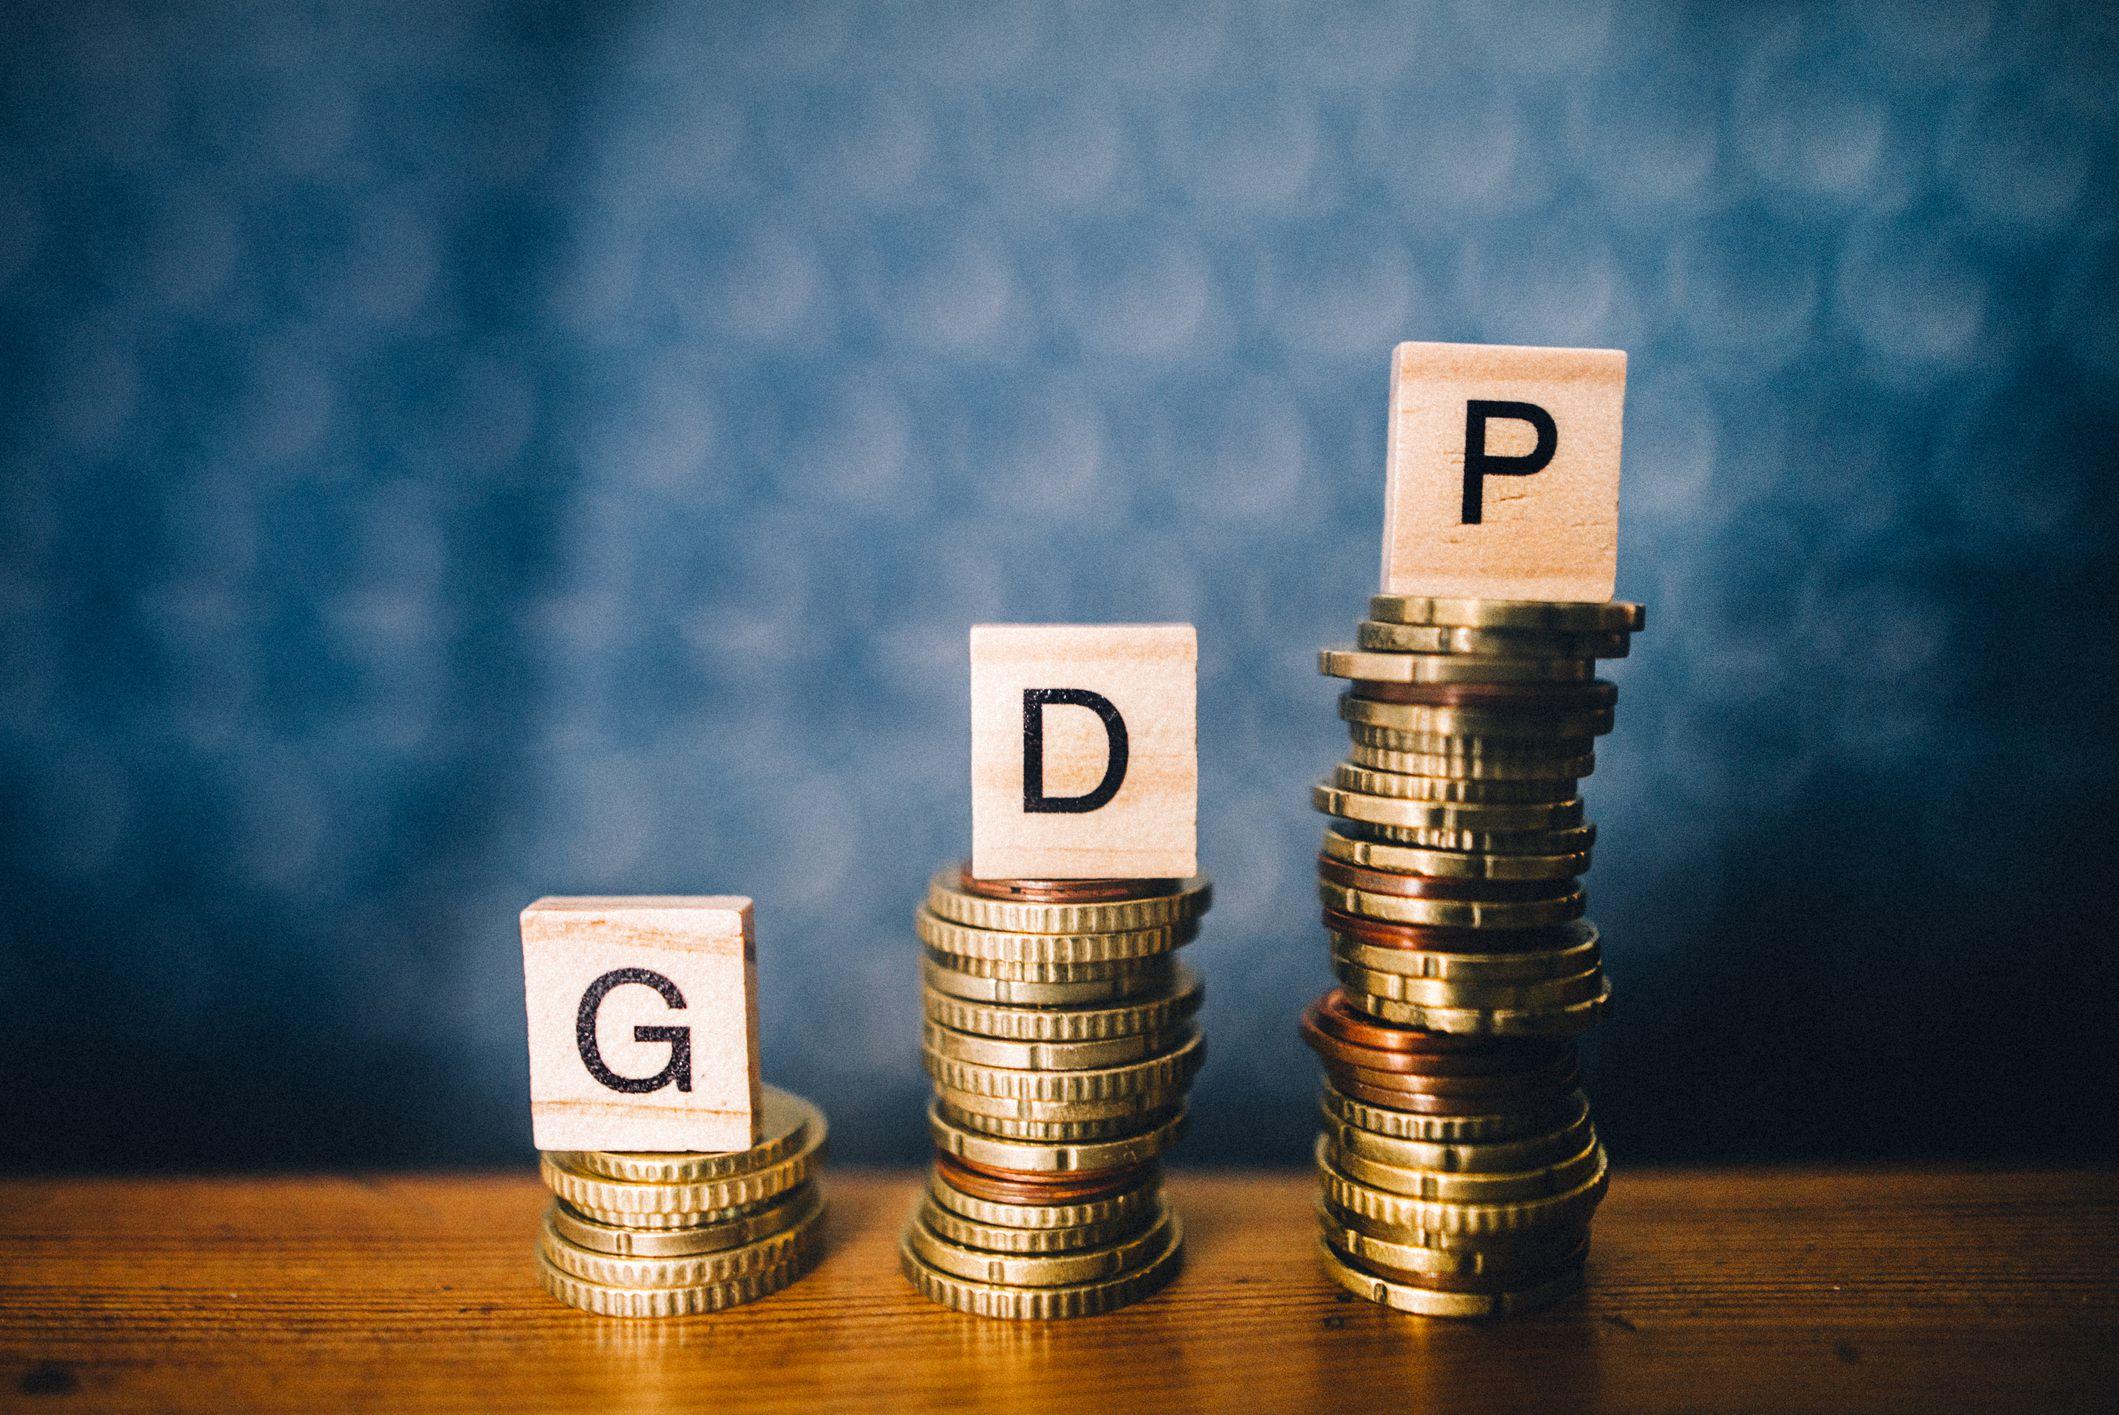 تولید ناخالص داخلی معیار خوبی برای سنجش رفاه نیست